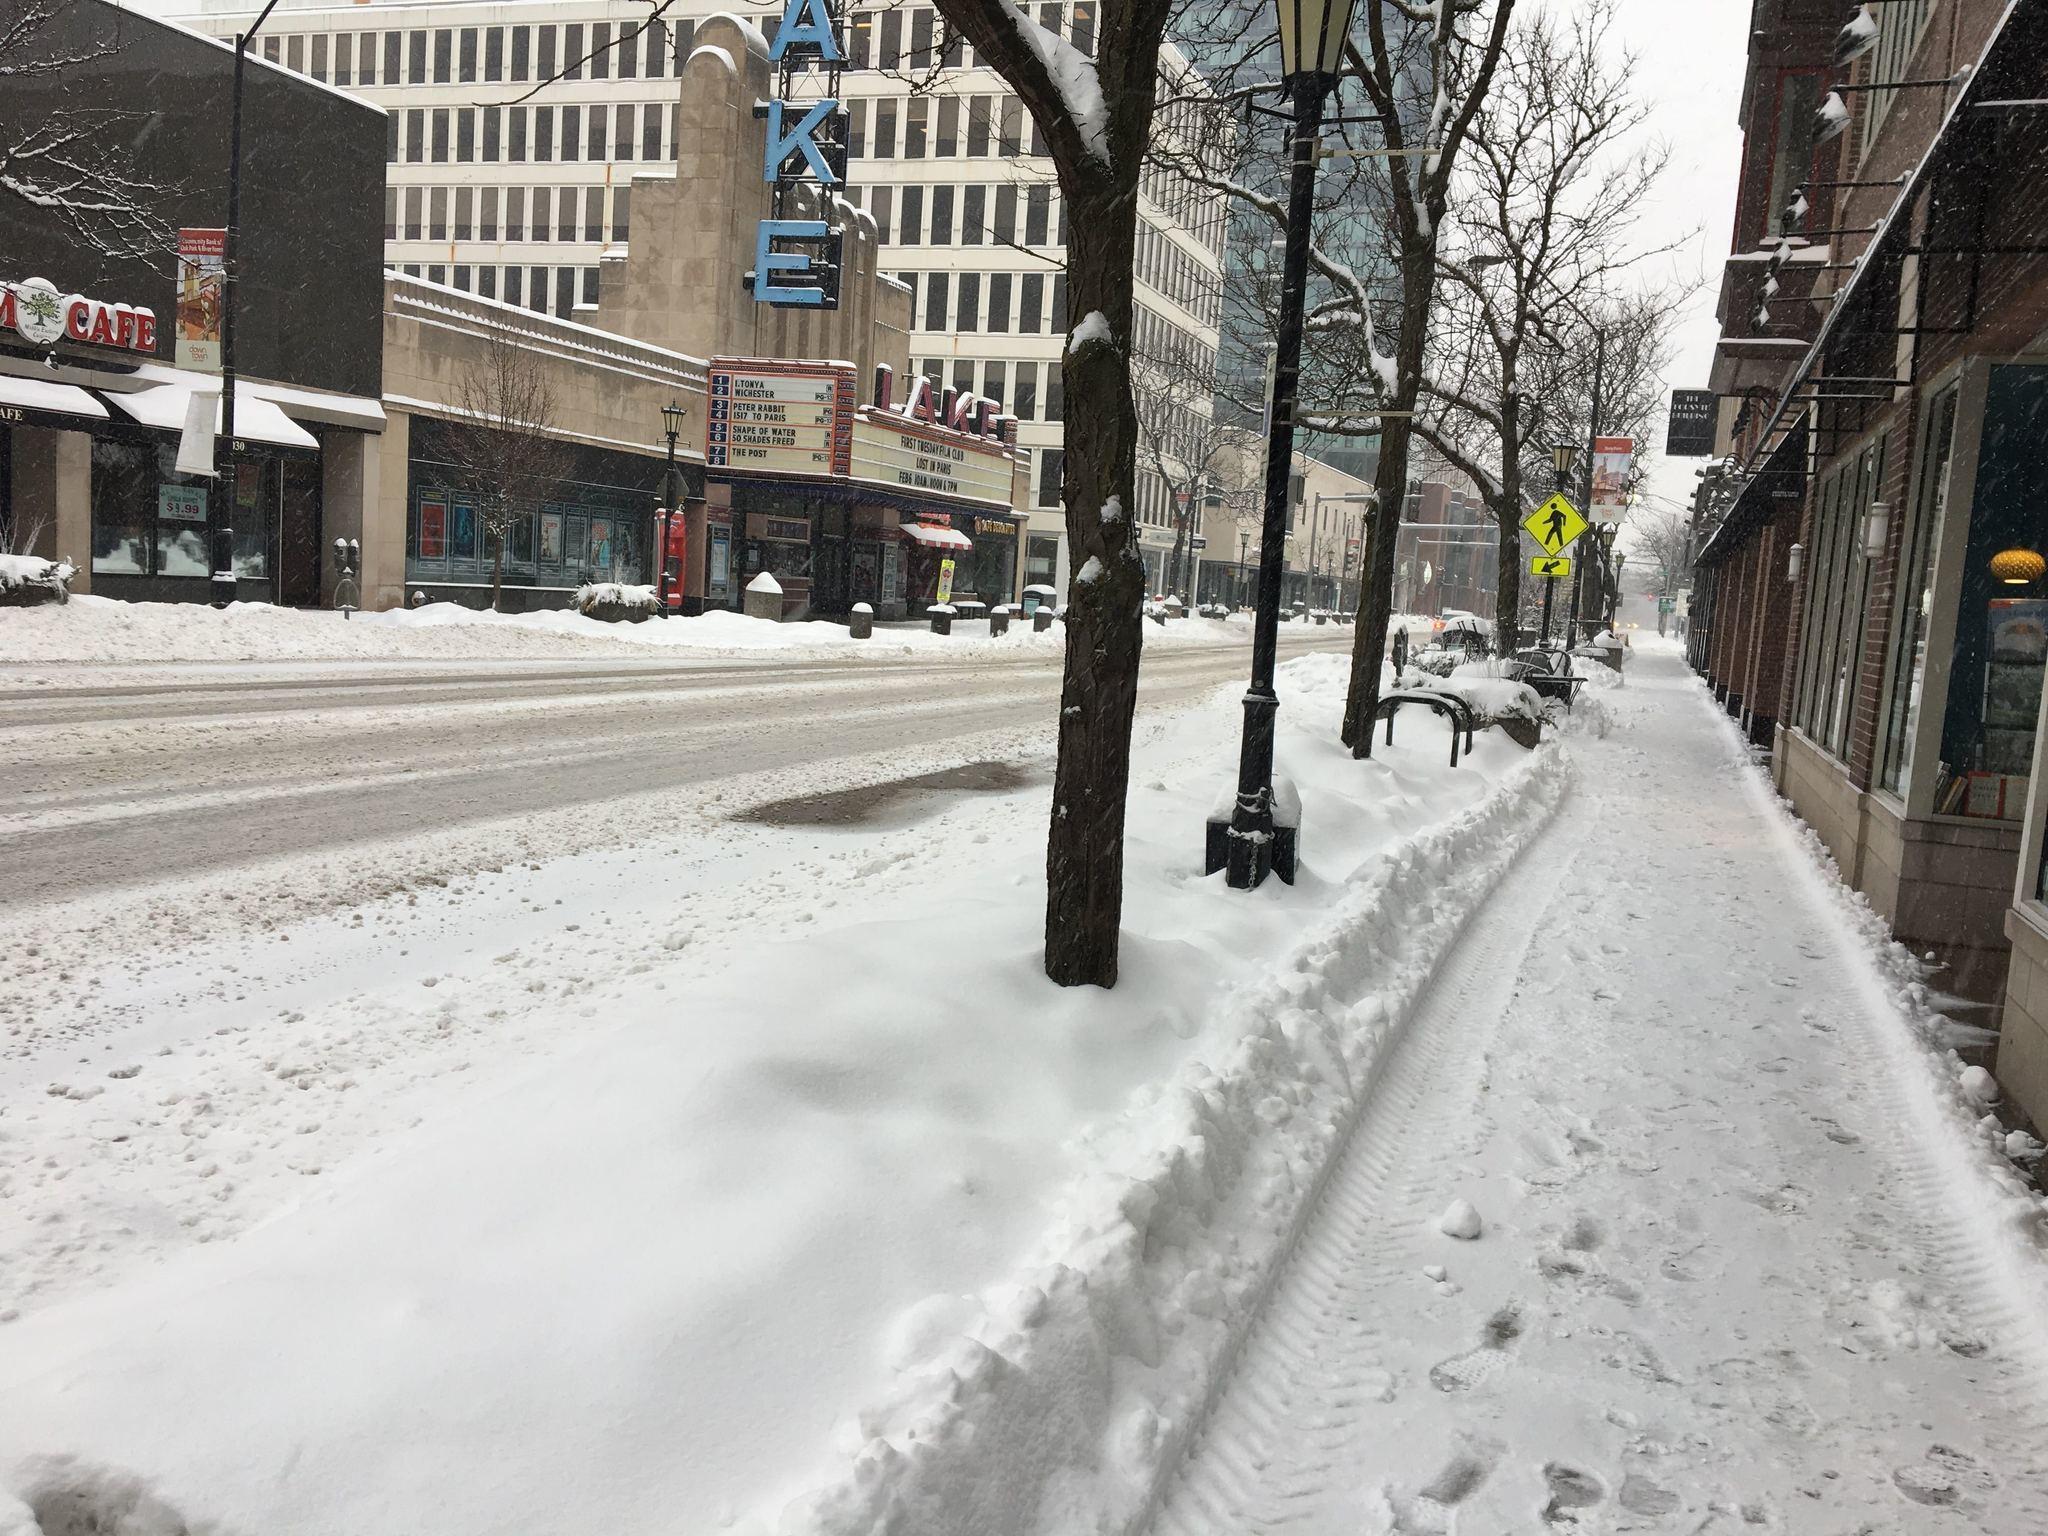 Lo que est cerrado debido a la tormenta de nieve hoy for Esta abierto hoy la maquinista